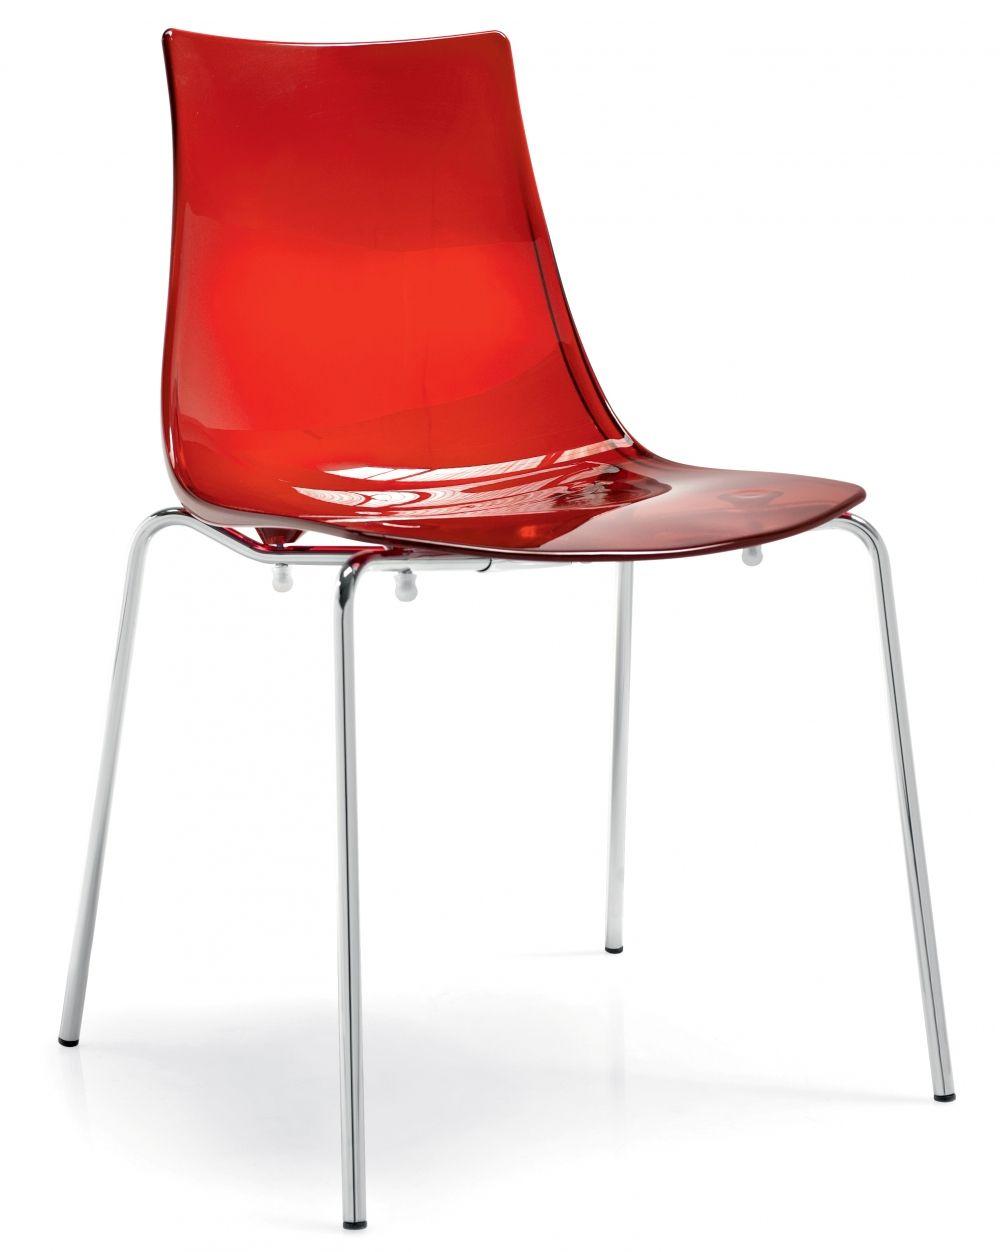 831a8e23db0e Silla de plástico transparente rojo para restaurante. Disponible en más  colores.